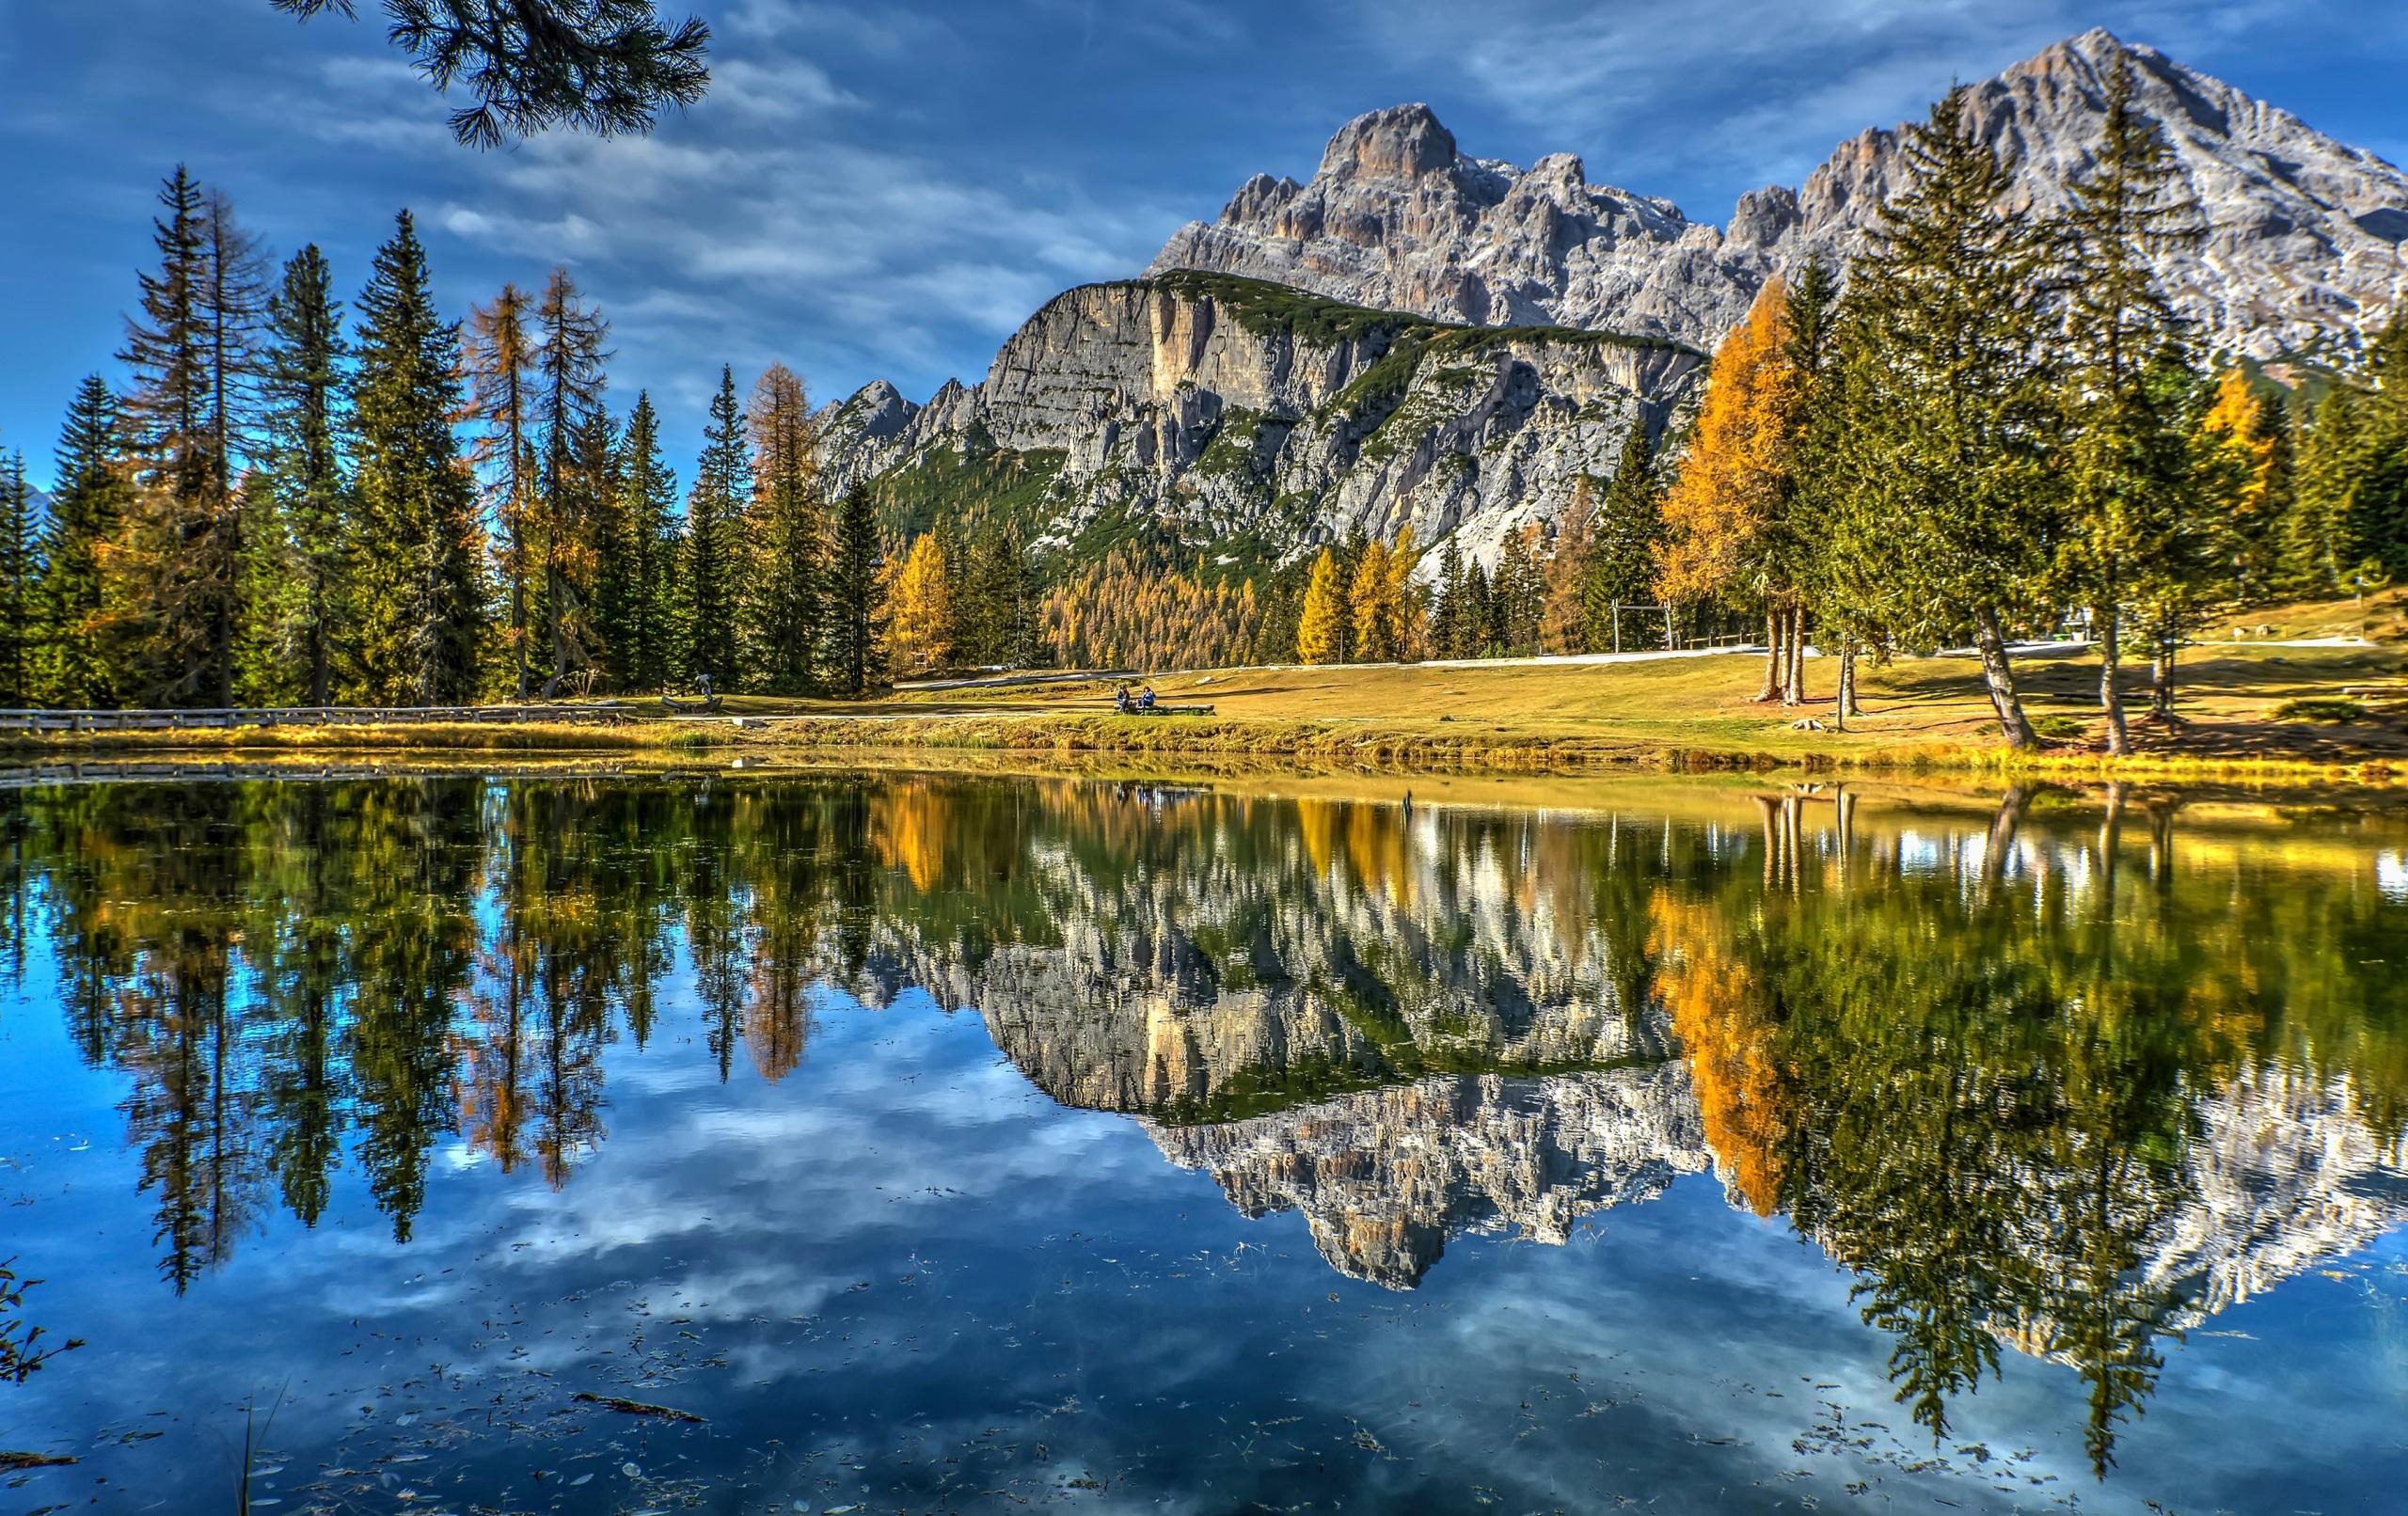 Фото Италия Dolomites Lake Antorno гора Природа Озеро Пейзаж отражается 2560x1612 Горы Отражение отражении